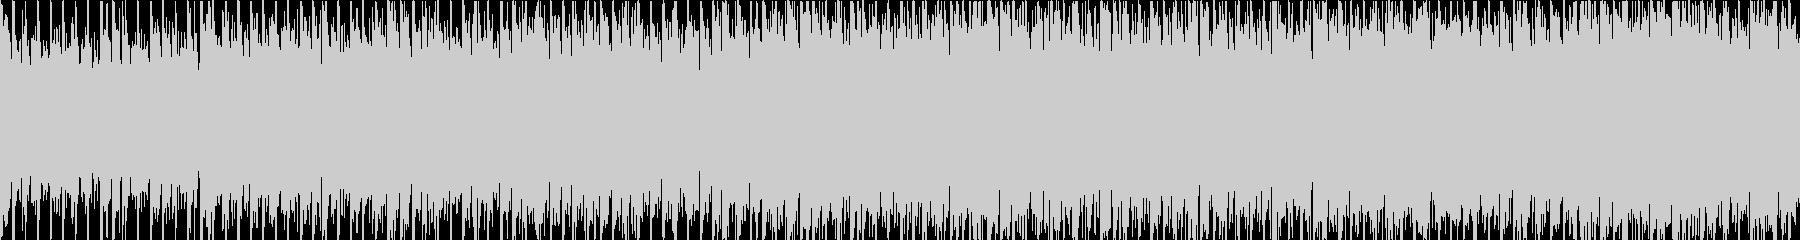 ダイナミックギターポップロック(ループ)の未再生の波形